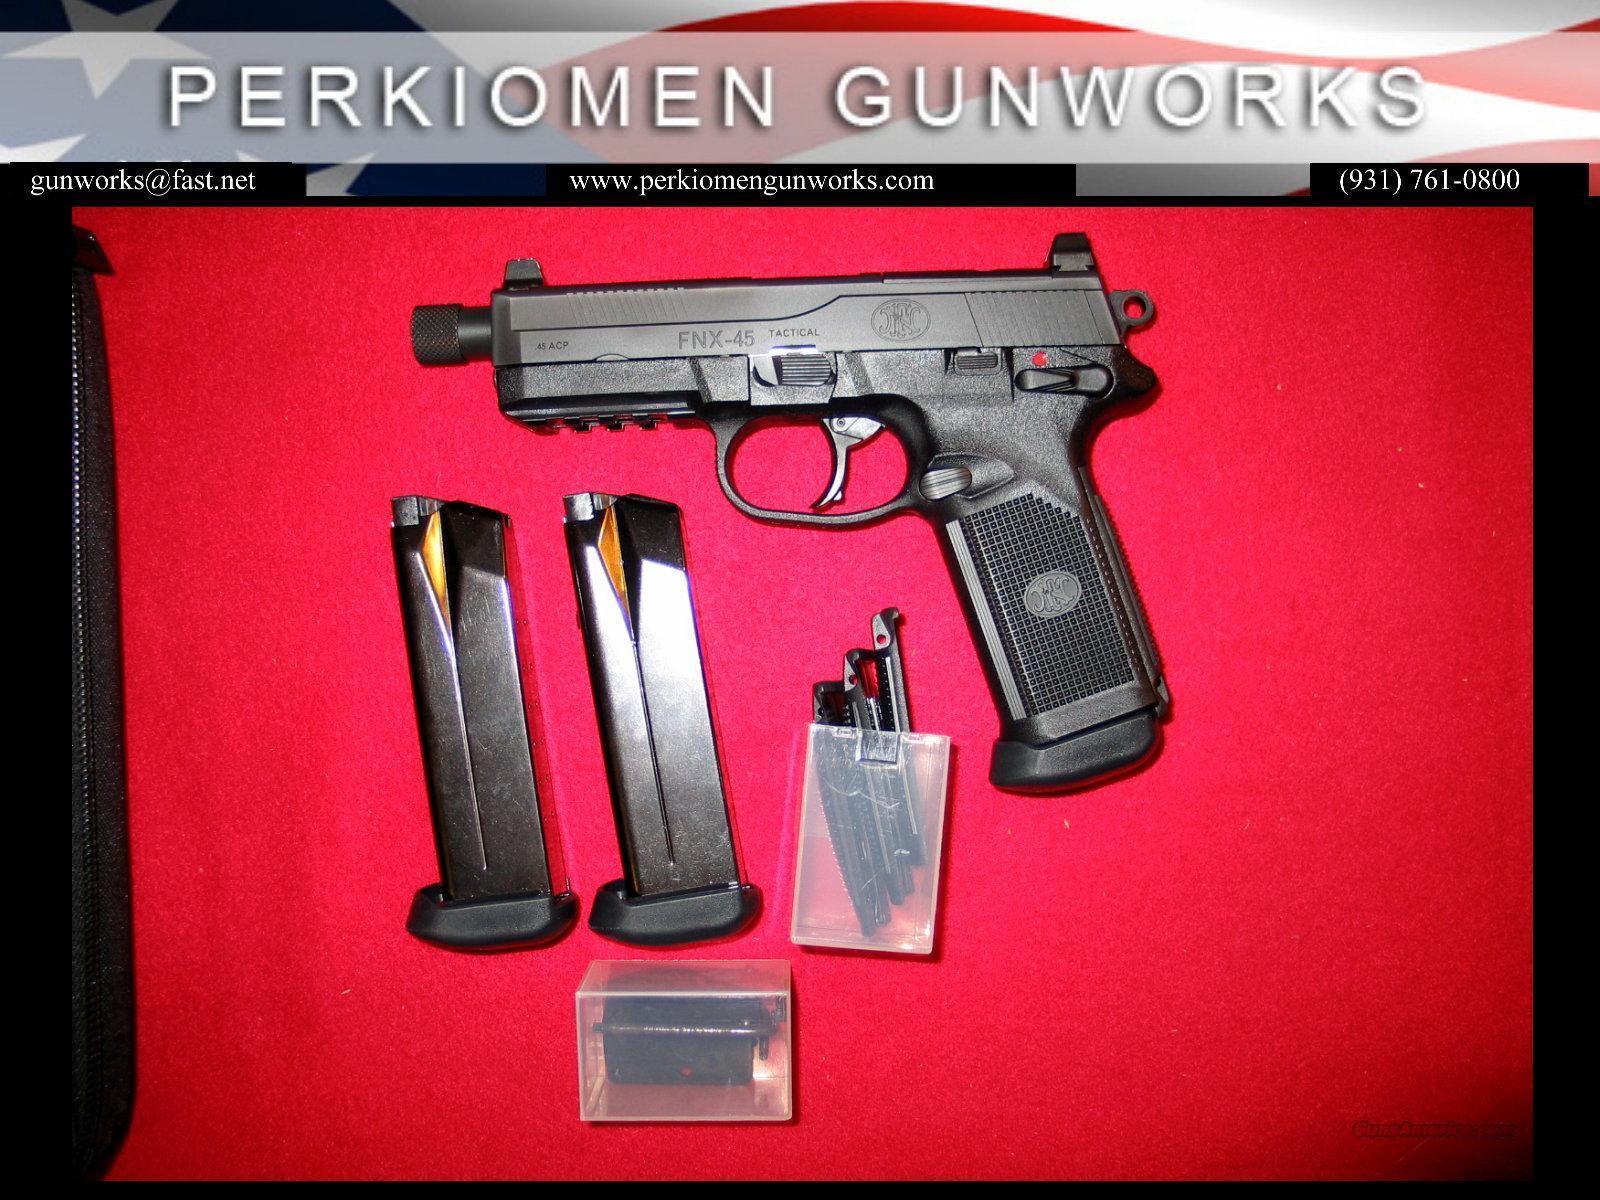 FNX-45 Tactical / Black, 45acp, New w/case  Guns > Pistols > FNH - Fabrique Nationale (FN) Pistols > FNP